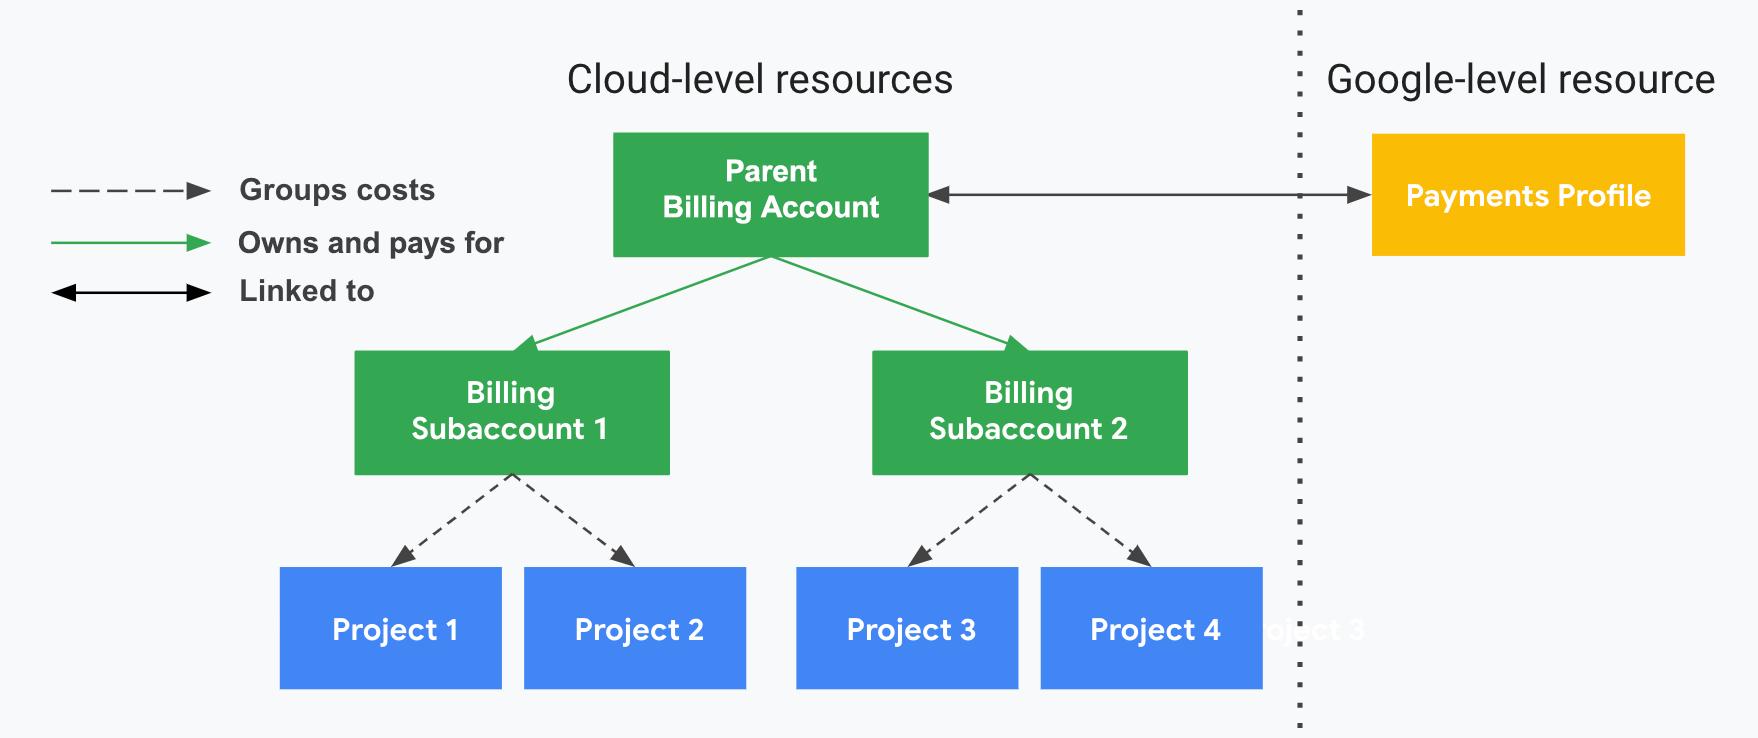 プロジェクトが Cloud 請求先アカウント、Cloud 請求先サブアカウント、お支払いプロファイルとどのように関連しているかを示します。片方にはクラウドレベルのリソース(Cloud 請求先アカウント、サブアカウント、関連付けられたプロジェクト)が表示され、縦の破線で区切られたもう片方には Google レベルのリソース(お支払いプロファイル)が表示されます。プロジェクトの使用量は、関連する Cloud Billing サブアカウントでグループ化され、小計されます。サブアカウントの費用は、お支払いプロファイルにリンクされている、販売パートナーの親 Cloud 請求先アカウントによって支払われます。